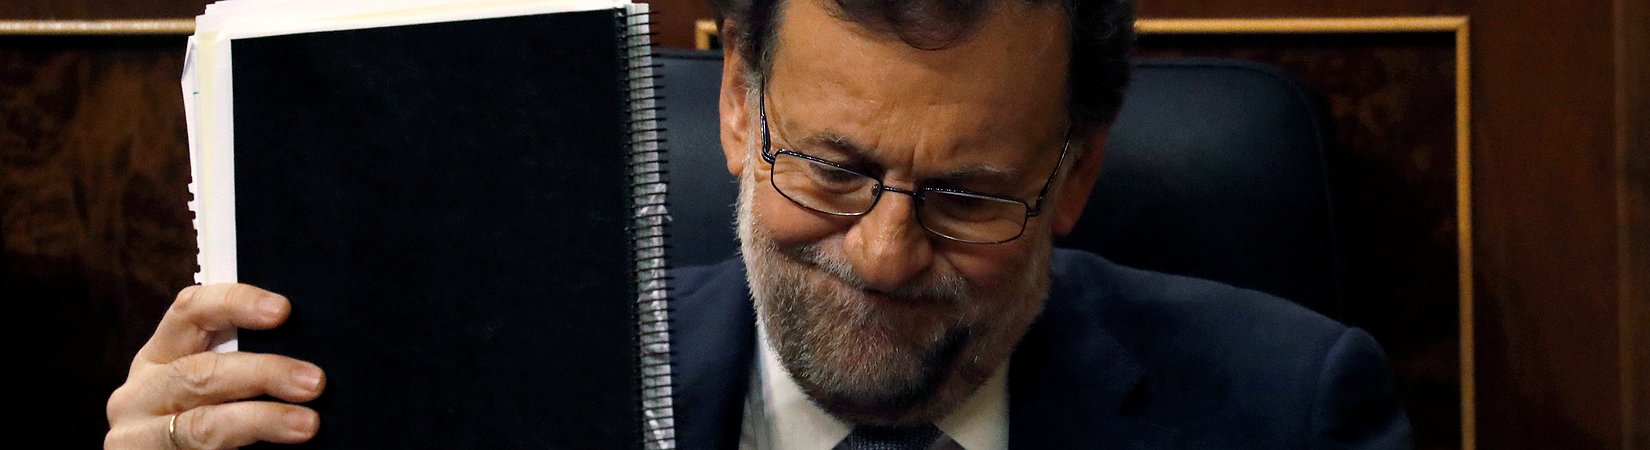 Rajoy pierde la investidura en la primera votación